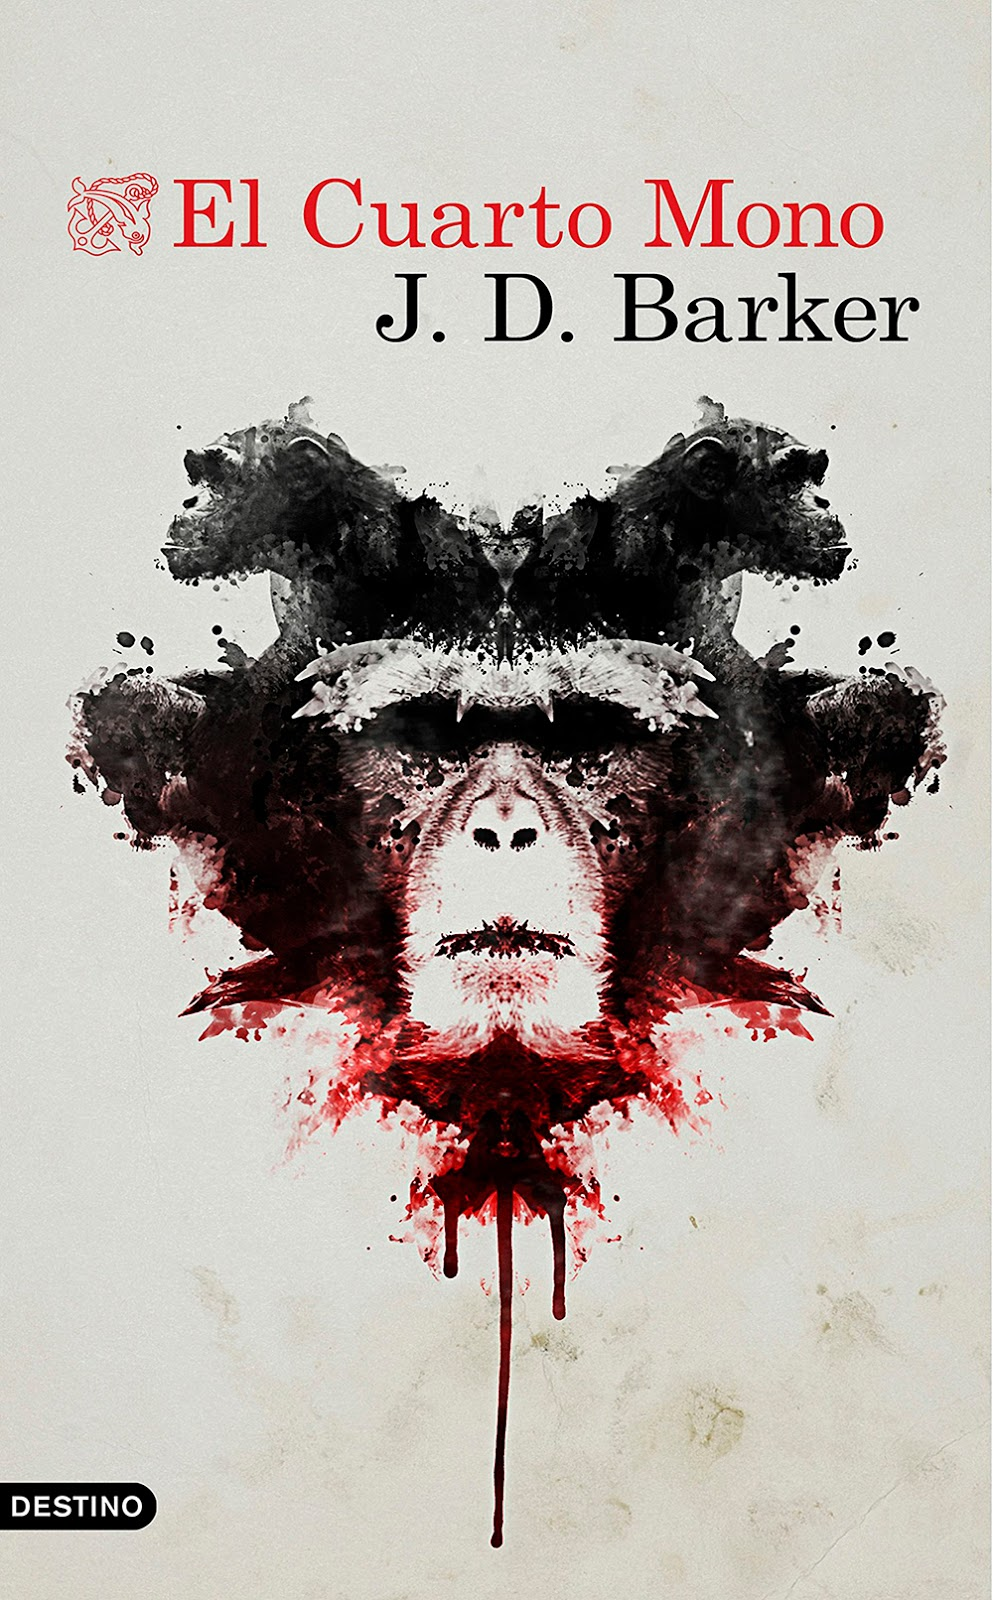 El cuarto mono 1, J.D. Barker